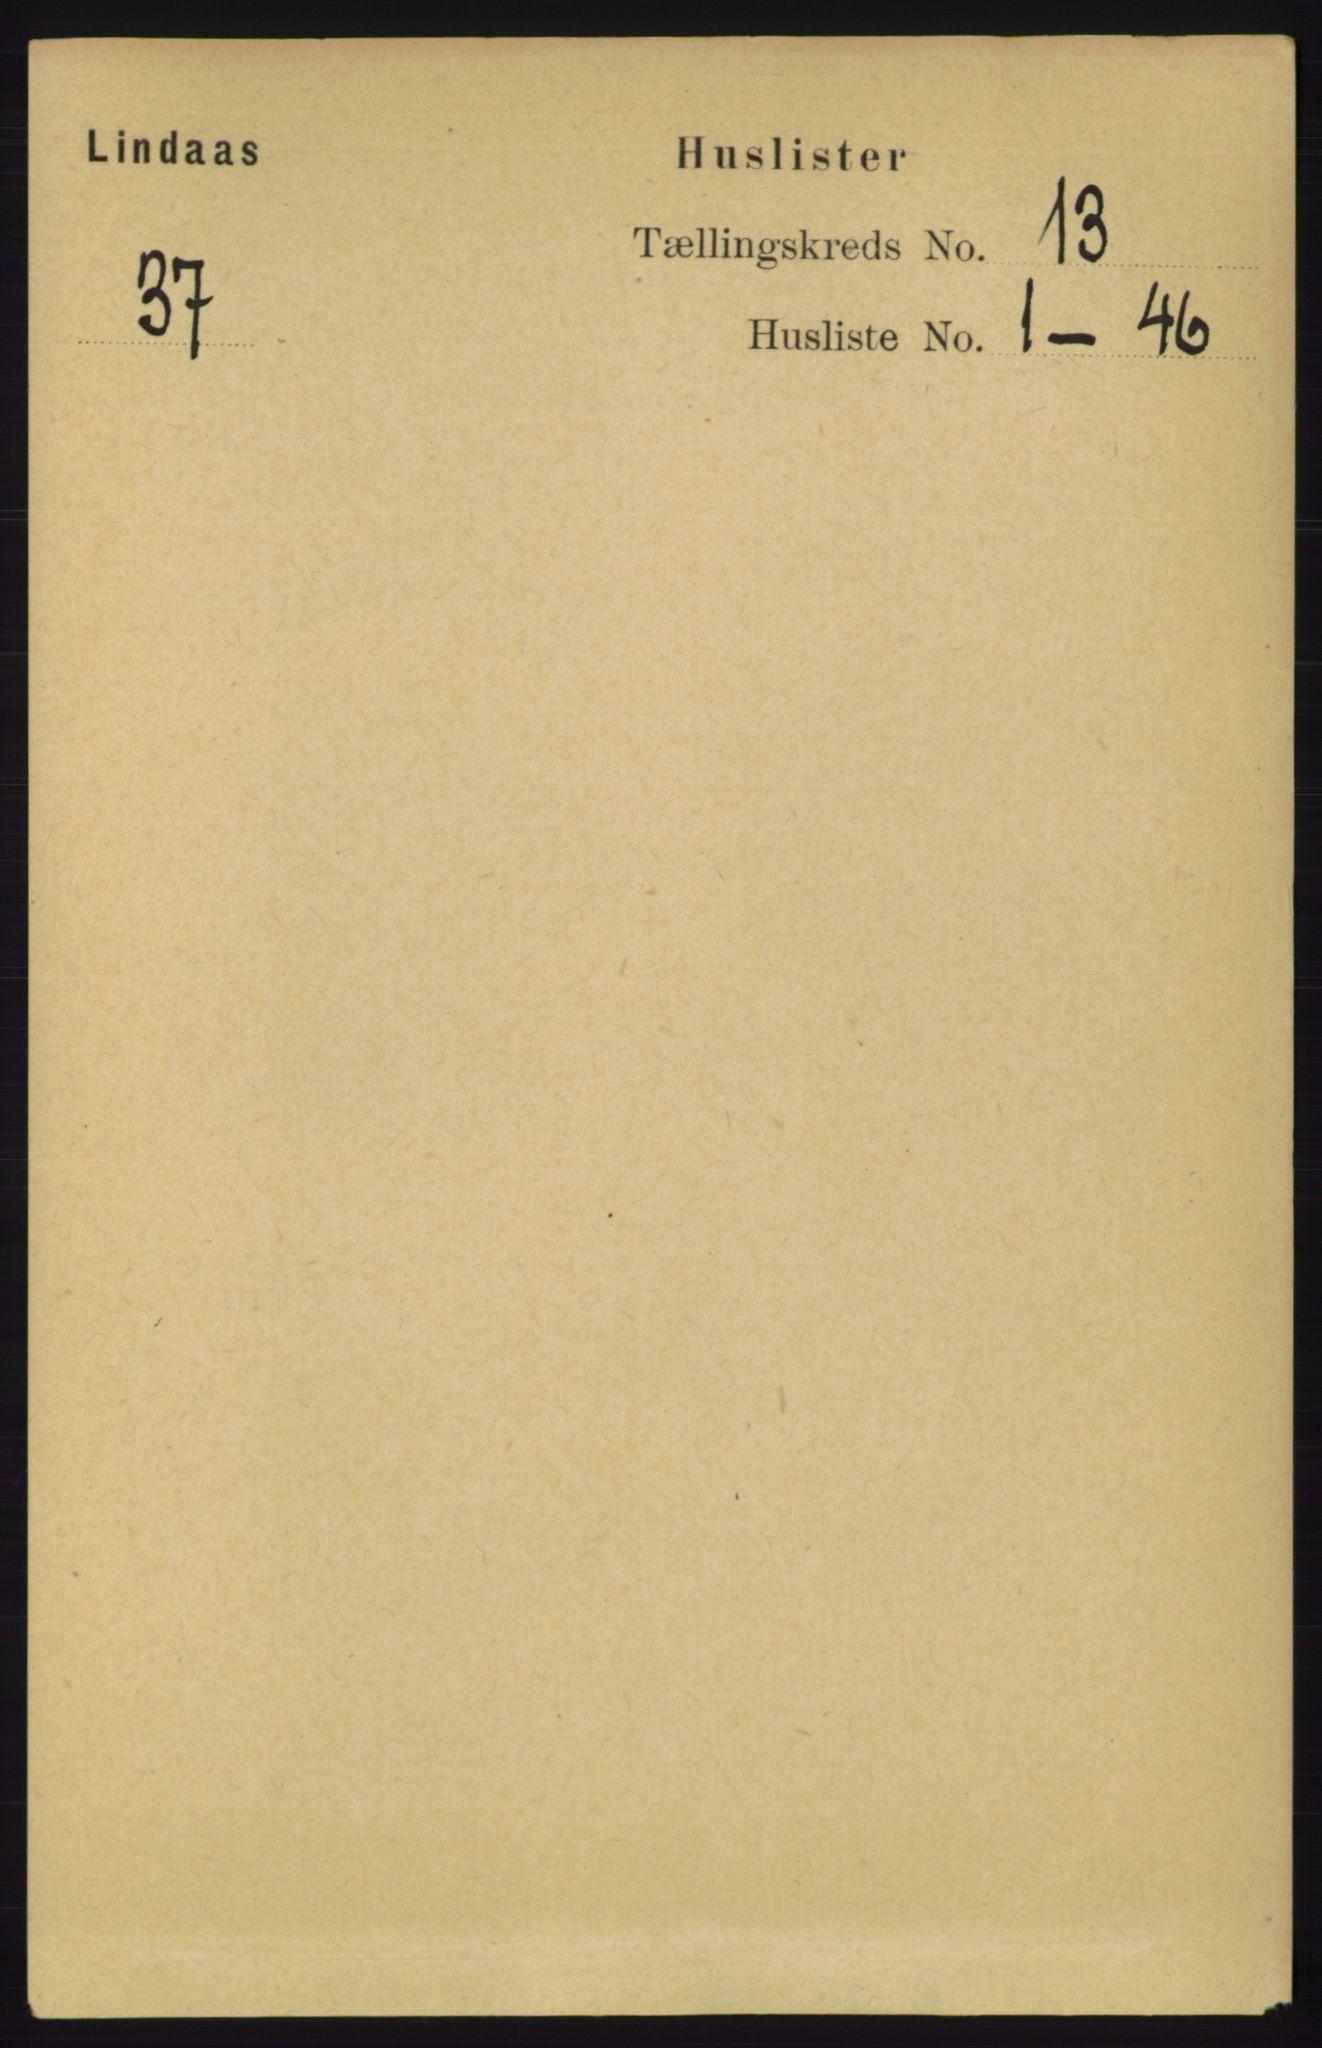 RA, Folketelling 1891 for 1263 Lindås herred, 1891, s. 4494